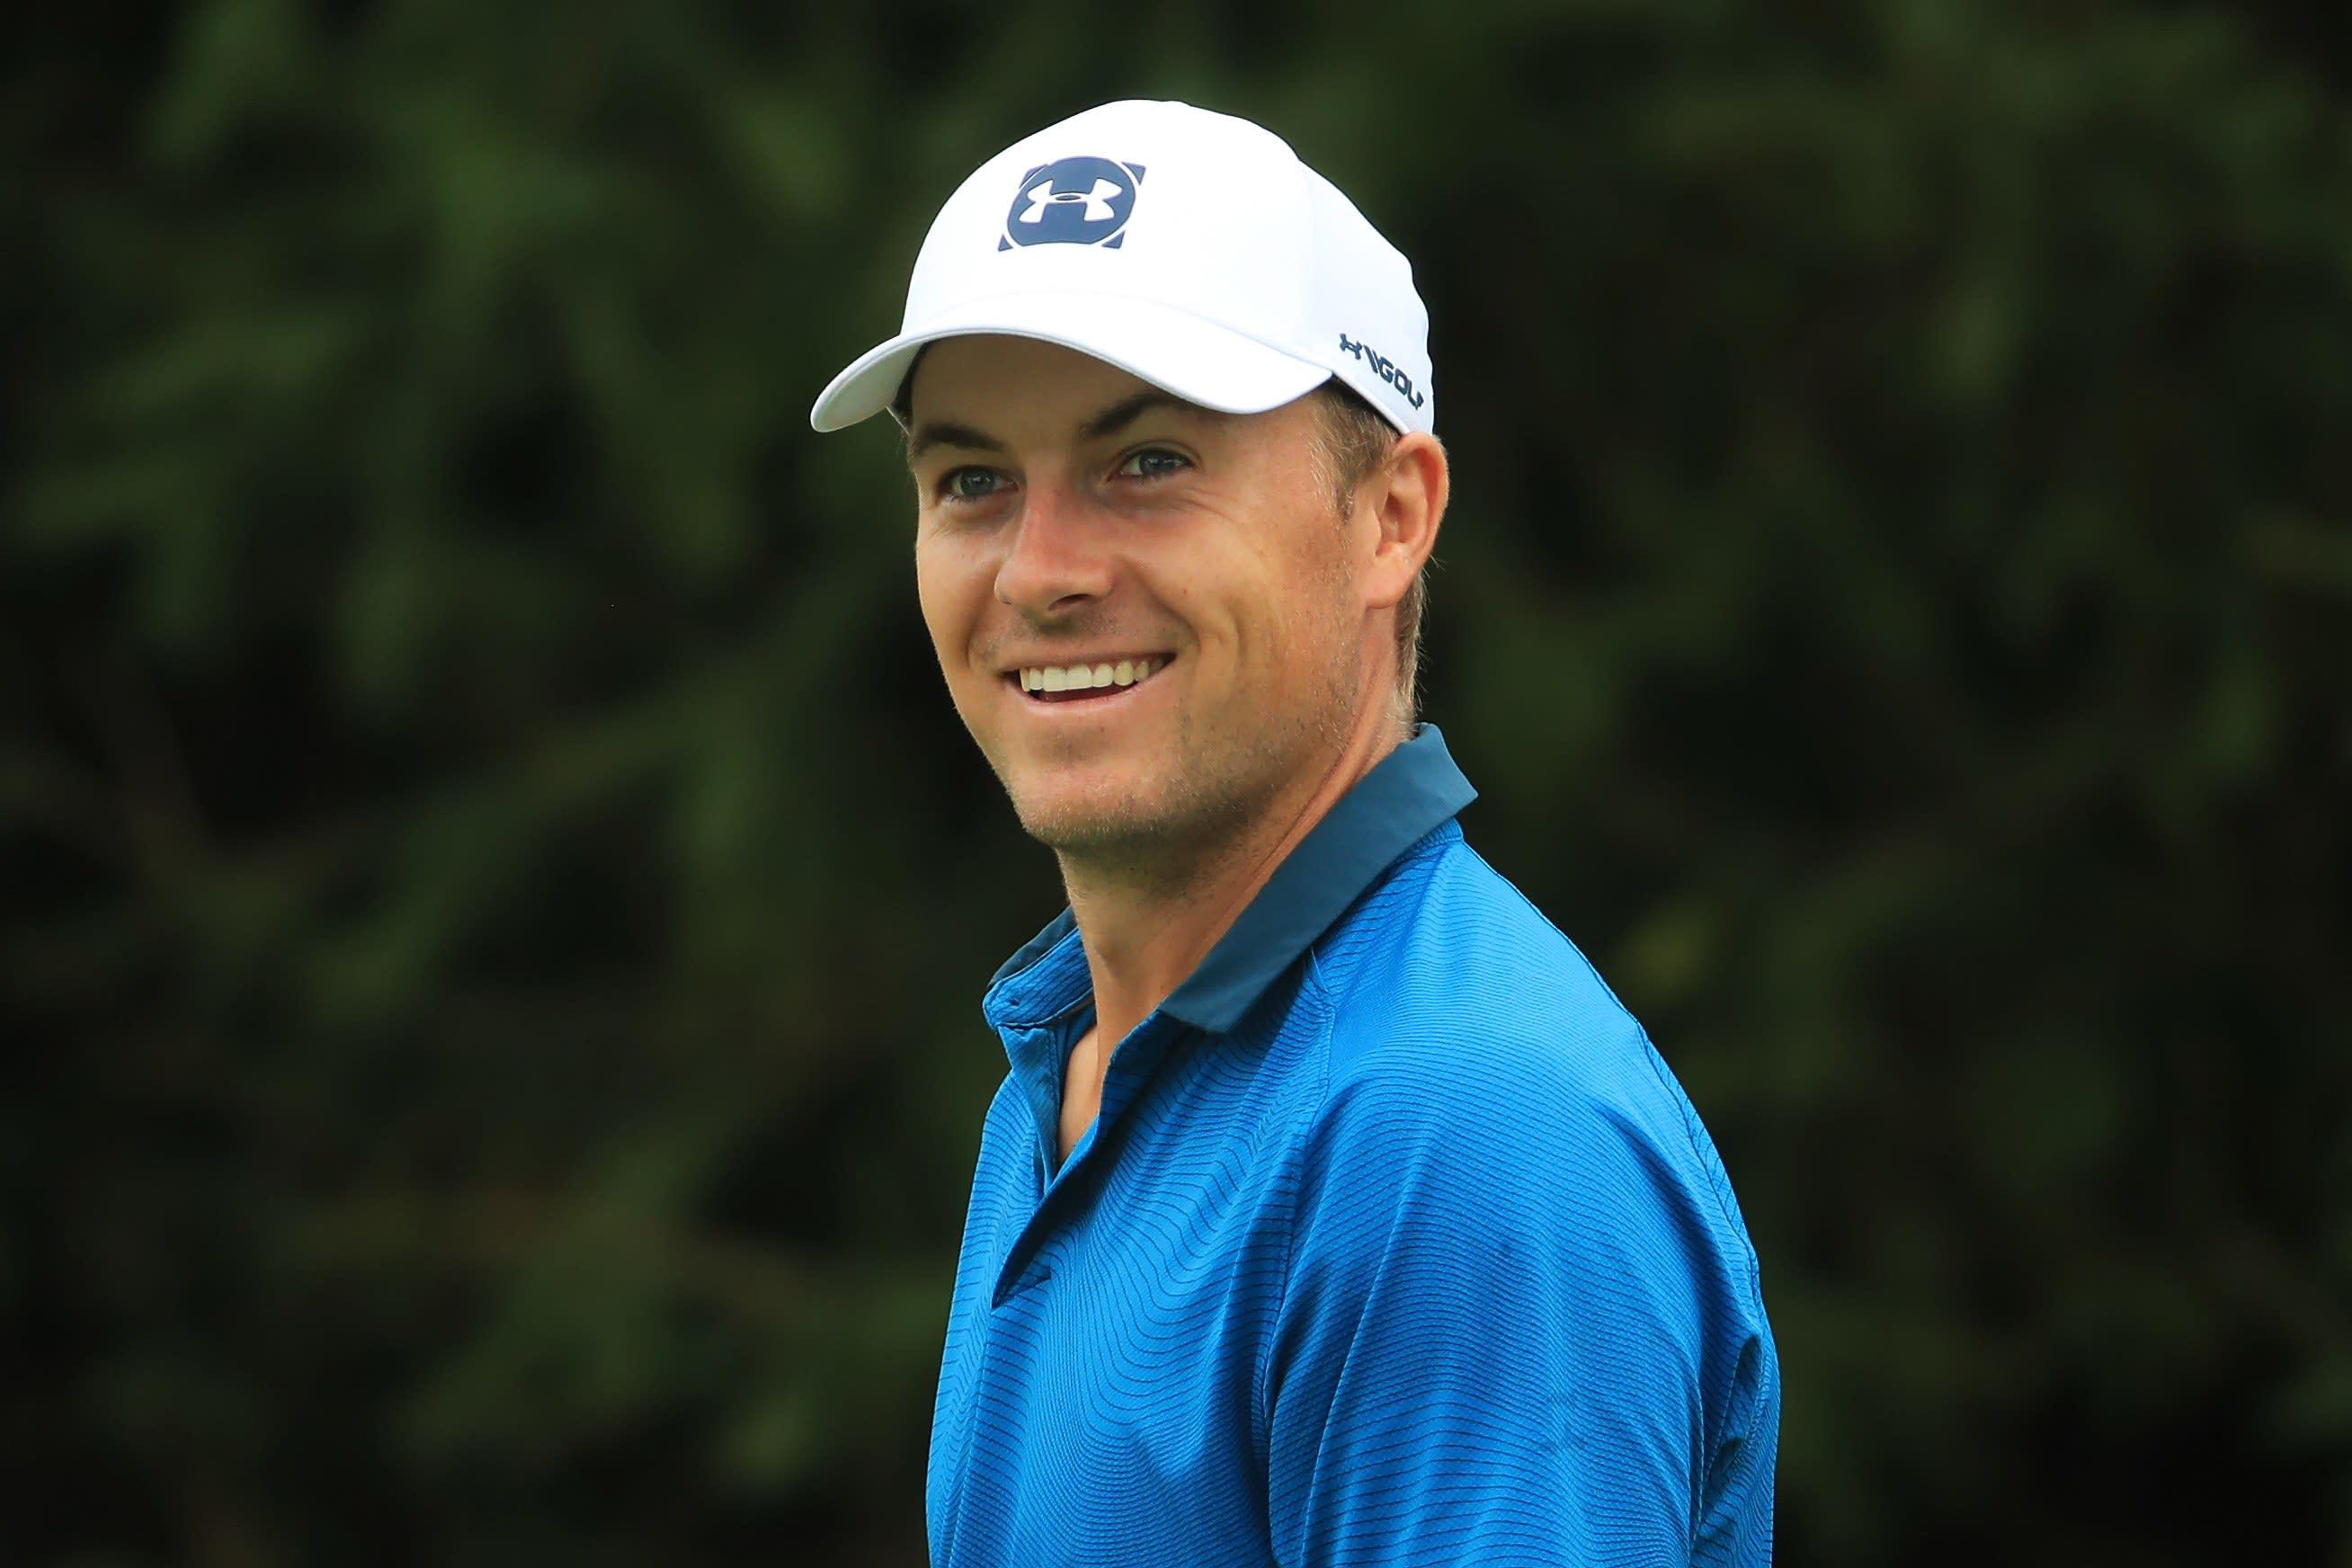 Jordan Spieth, Henrik Stenson round out Tiger Woods' Hero World Challenge field